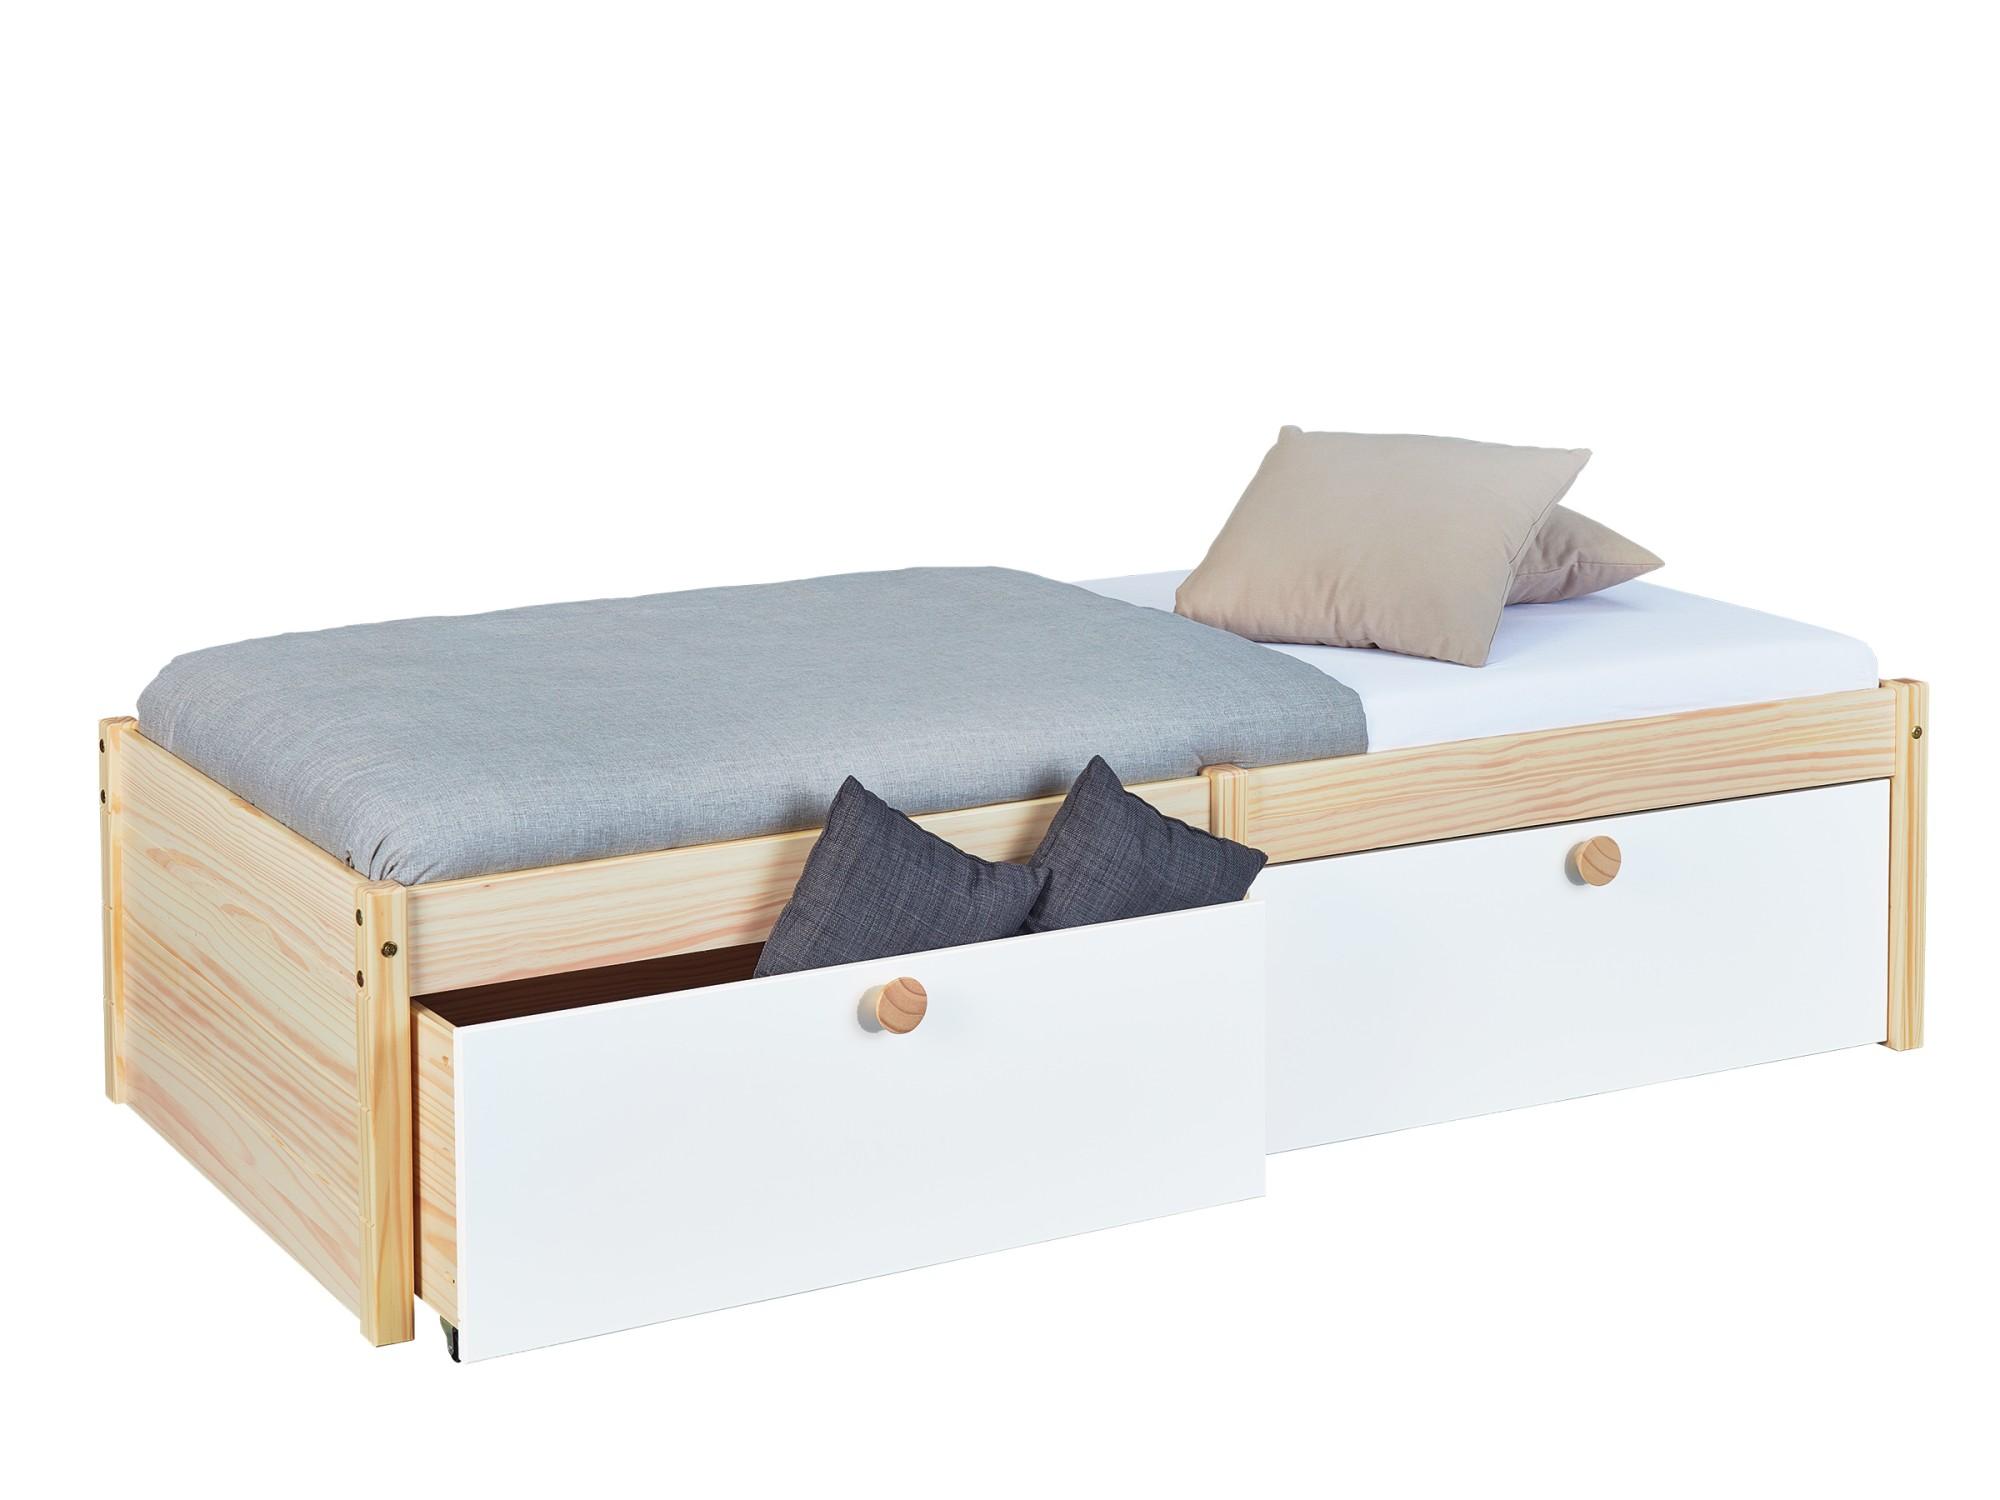 Full Size of Bett Mit Schubladen 90x200 Weiß Bettkasten Betten Lattenrost Und Matratze Weißes Kiefer Wohnzimmer Jugendbett 90x200